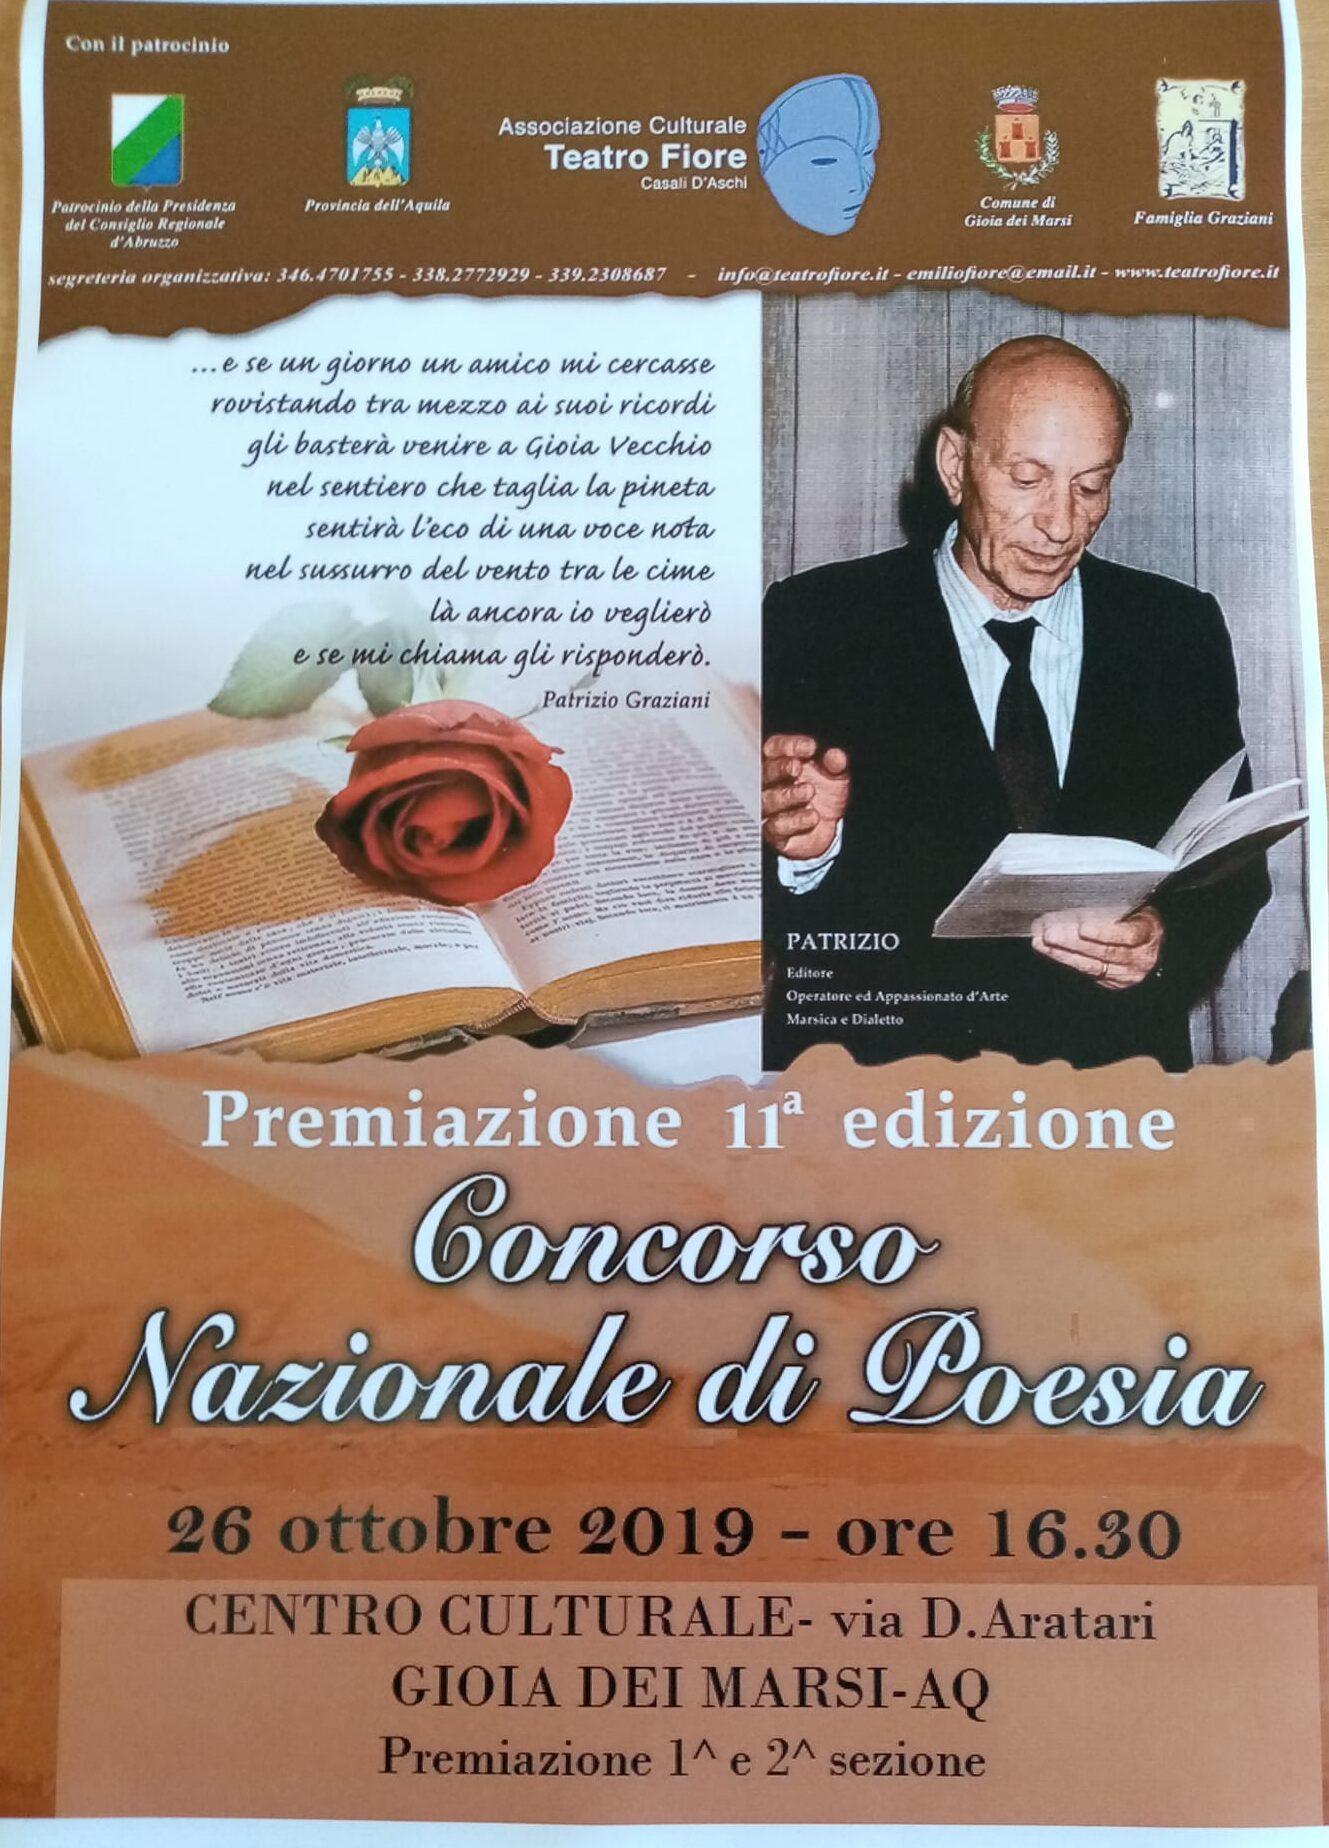 Tutto pronto per la premiazione del Premio Nazionale di Poesia dedicato a Patrizio Graziani